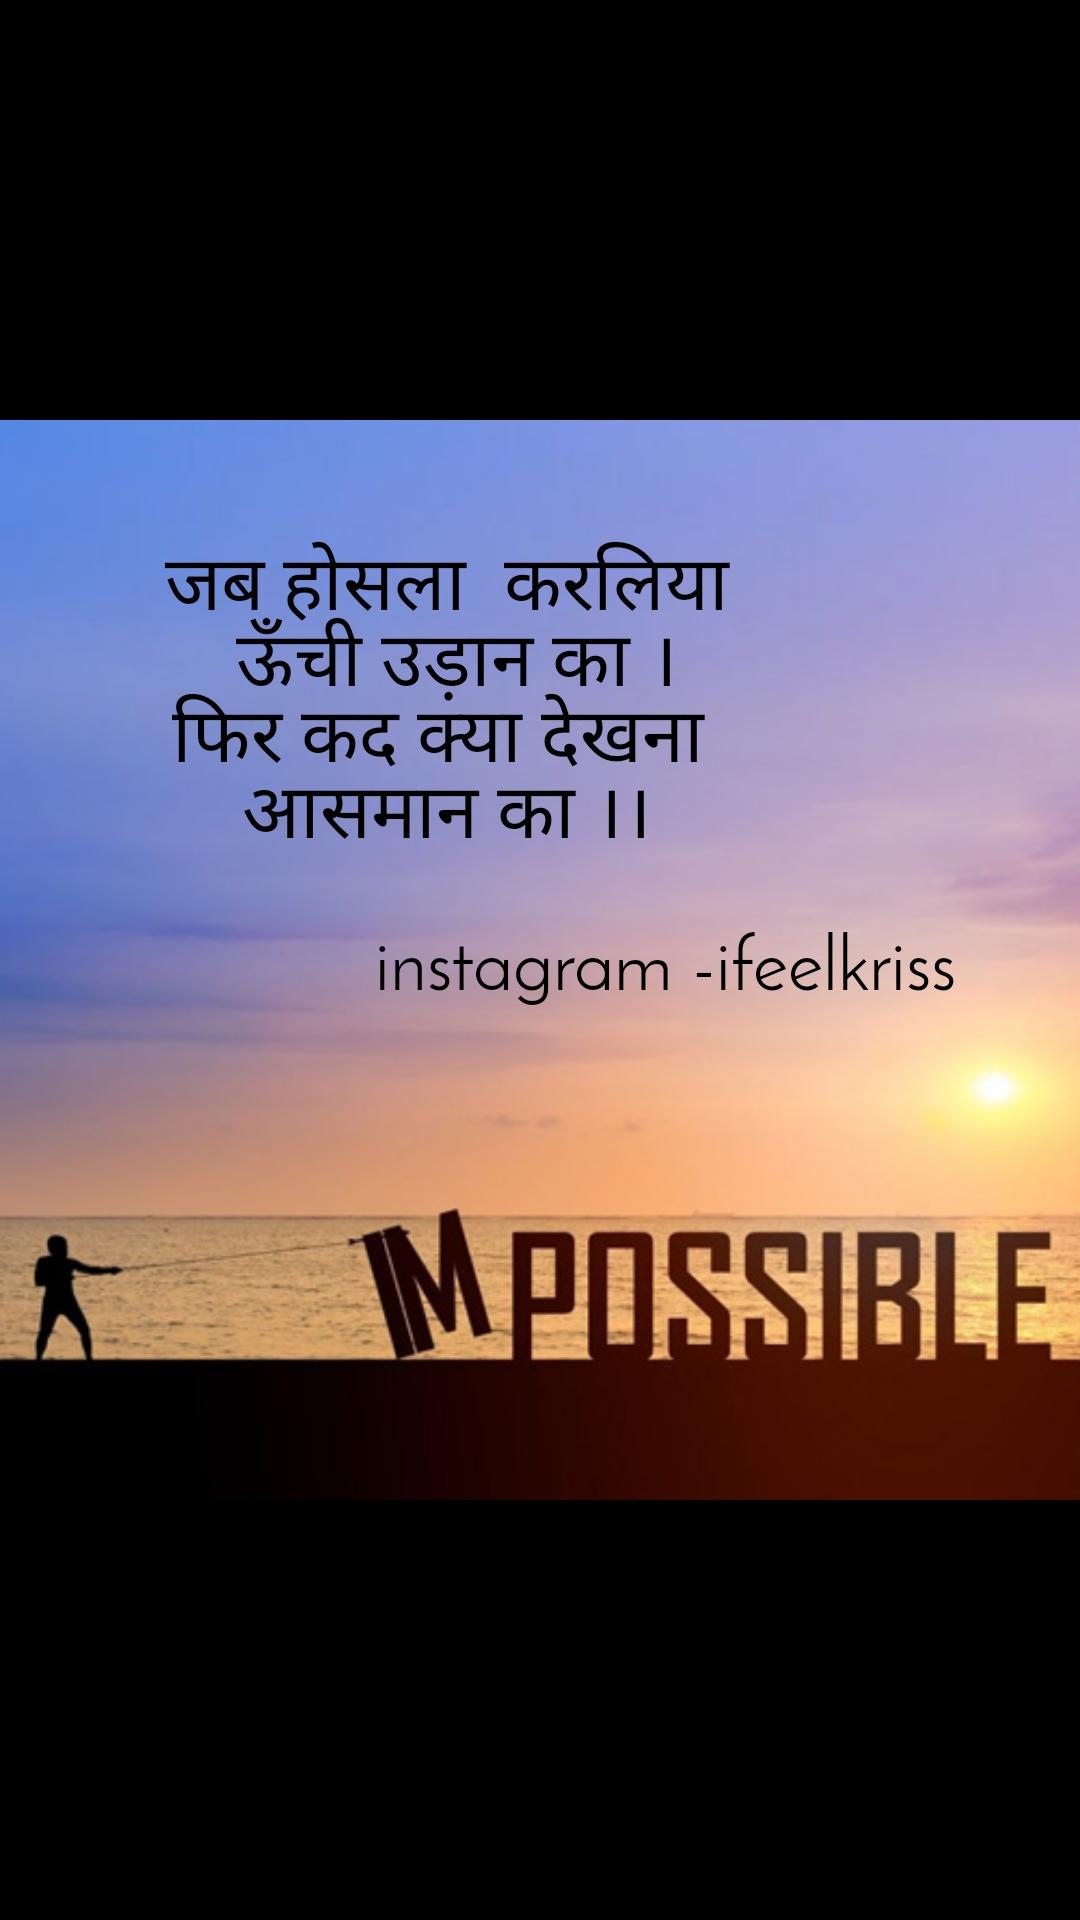 Impossible  जब होसला  करलिया  ऊँची उड़ान का । फिर कद क्या देखना  आसमान का ।।                         instagram -ifeelkriss